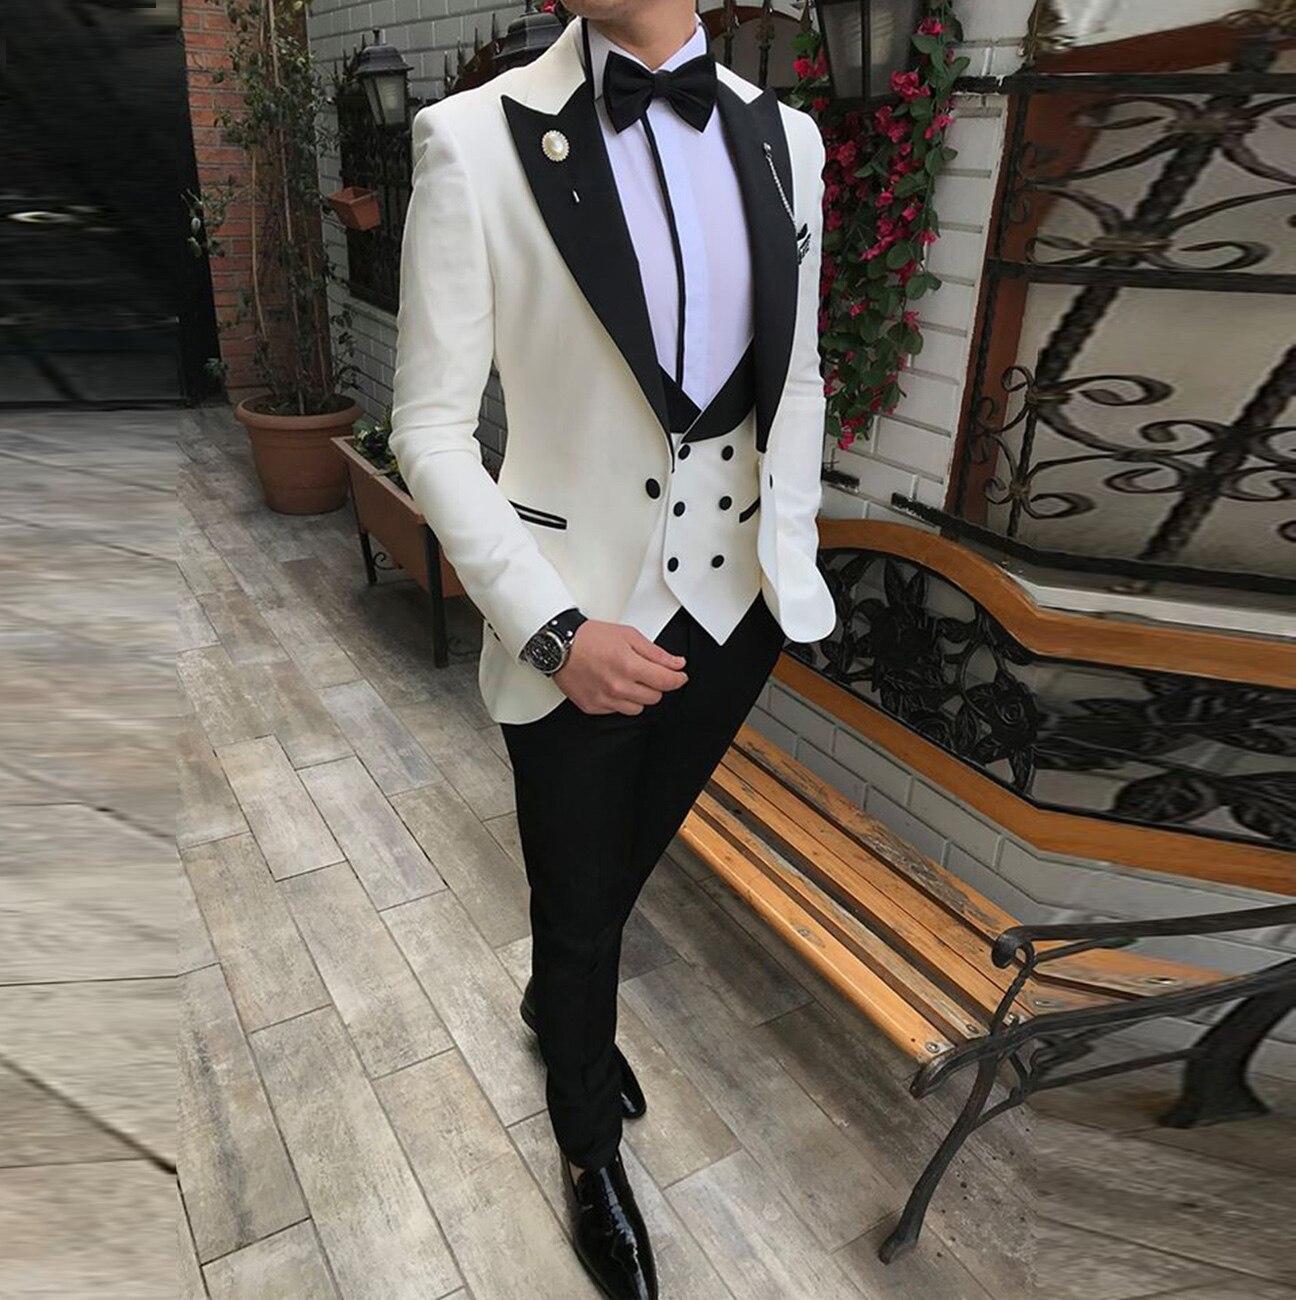 Мужские костюмы из 3 предметов, приталенные деловые костюмы, смокинги для жениха, цвета шампанского, благородные, серые, белые, для официальных свадеб, костюм (Блейзер + брюки + жилет)